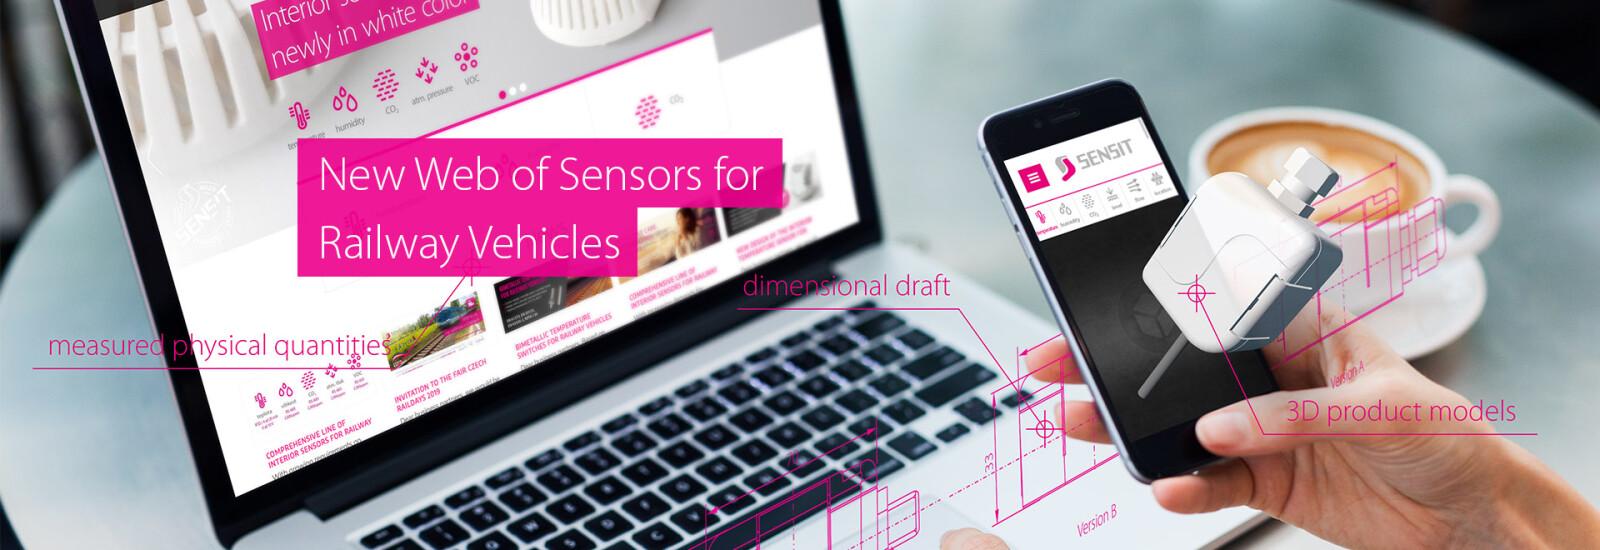 railway vehicle sensors